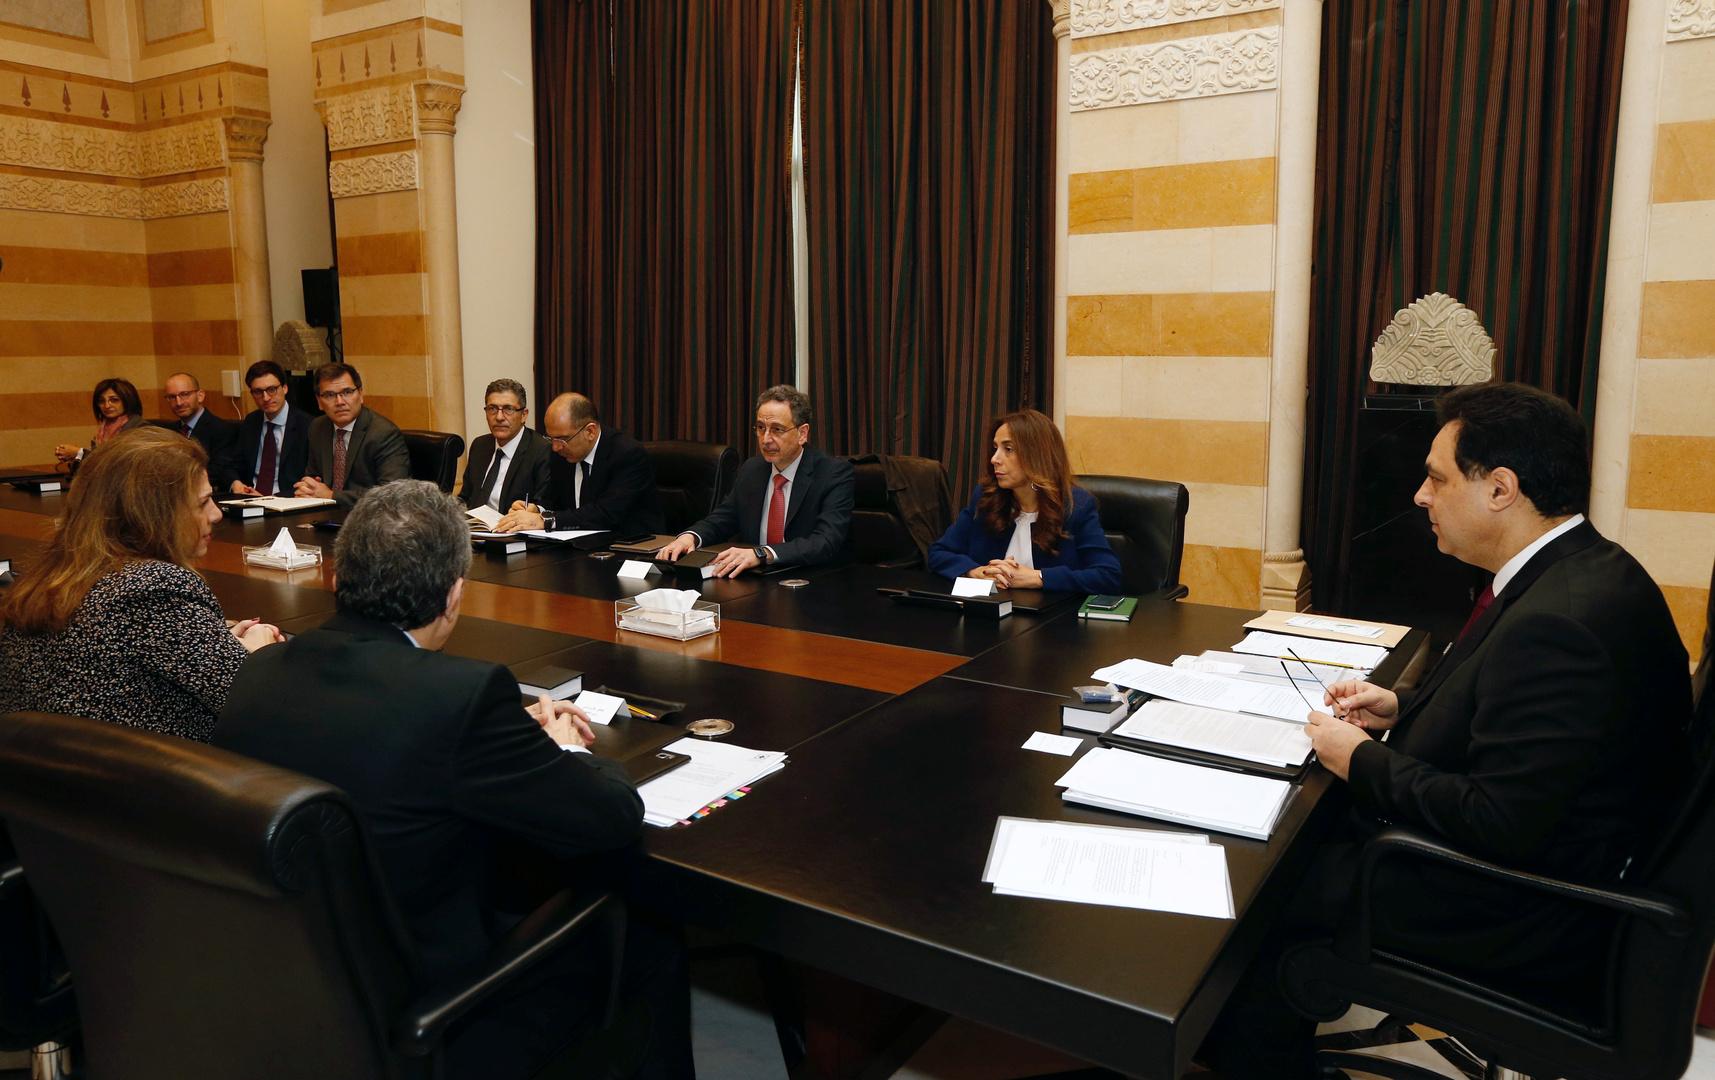 دياب يجتمع مع وفد من صندوق النقد الدولي في شهر فبراير